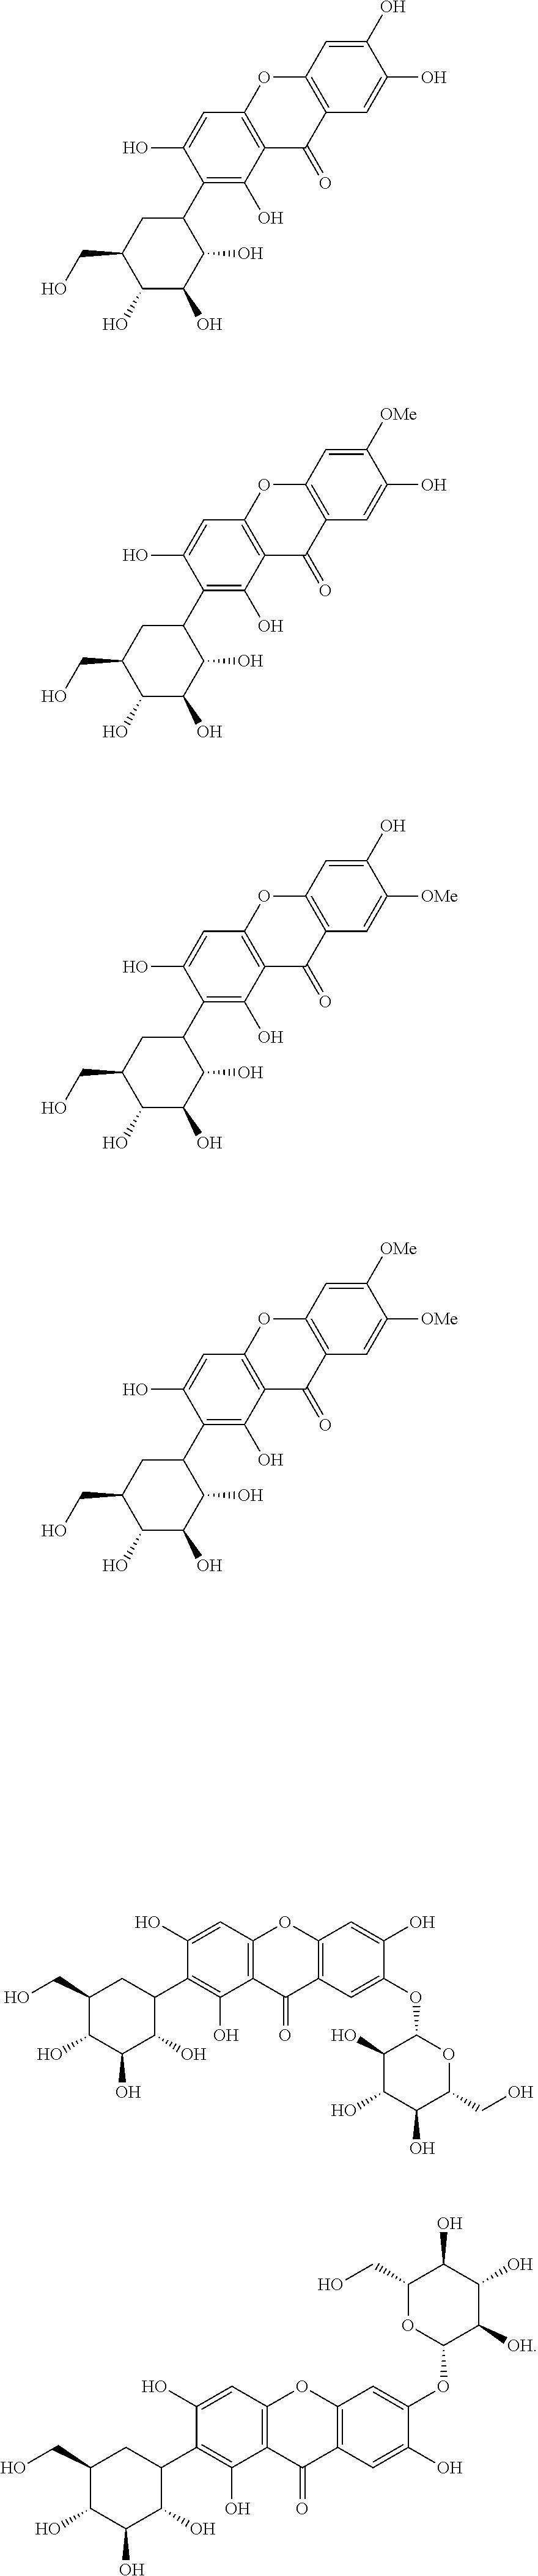 Figure US09962344-20180508-C00071